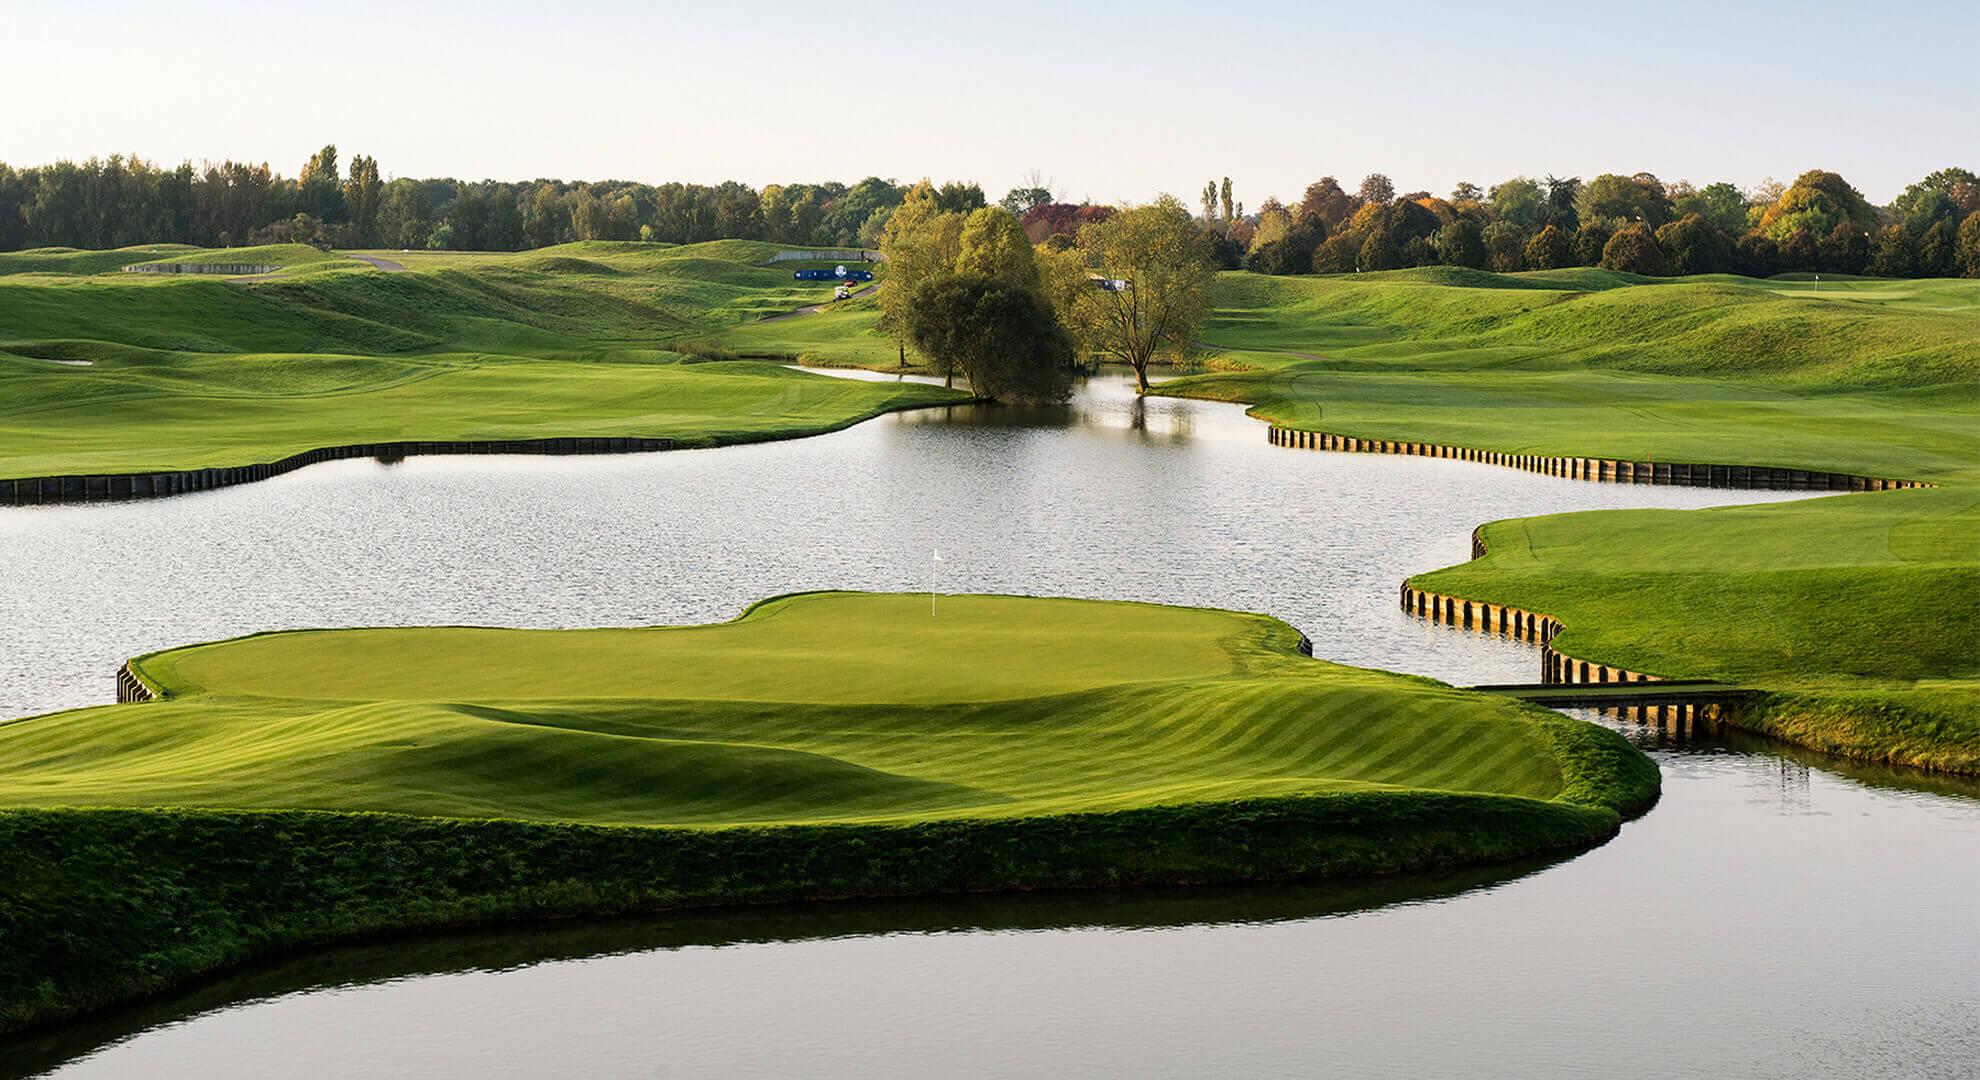 Le Golf National Golf Course, Paris, France